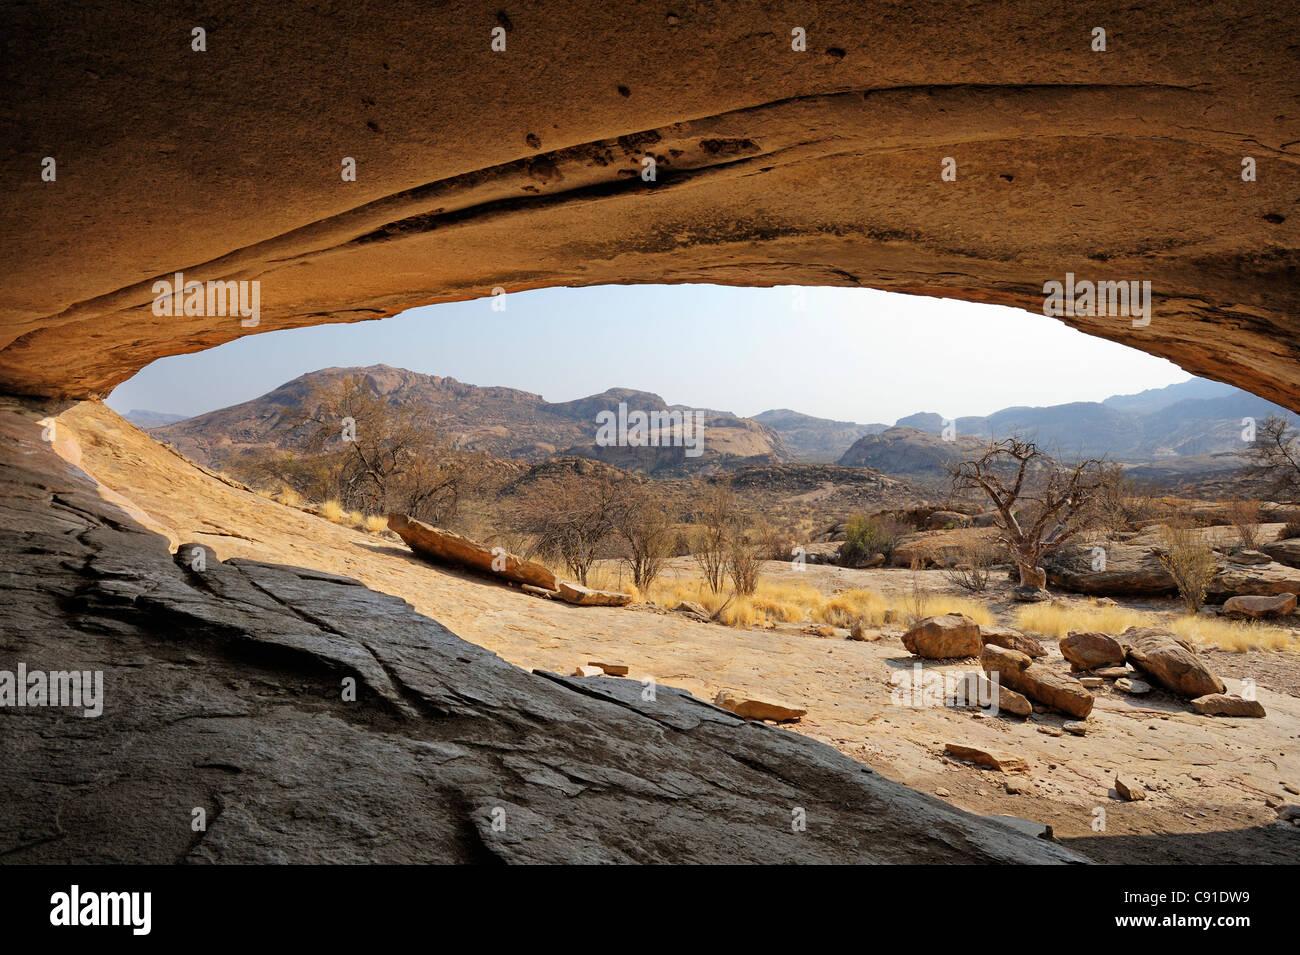 Abrigo rocoso Phillipp's Cave con vistas a Savannah, Ameib, montañas Erongo, Namibia Imagen De Stock